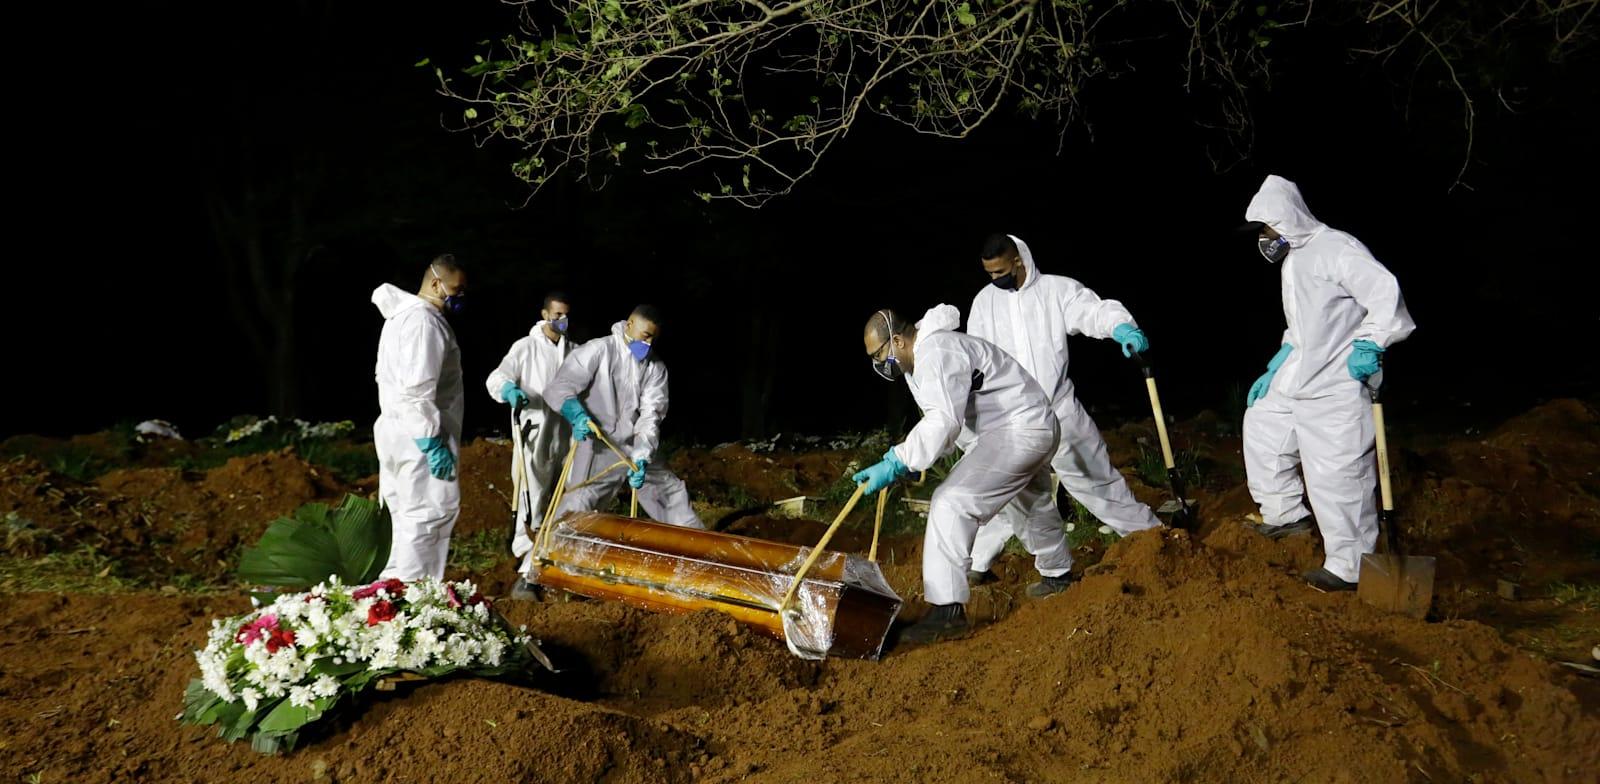 עובדי בית הקברות בסאו פאולו קוברים מתים מנגיף הקורונה. מספר המתים כה גבוה שבבתי הקברות נאלצים להאריך את שעות העבודה עד הלילה / צילום: Associated Press, Nelson Antoine